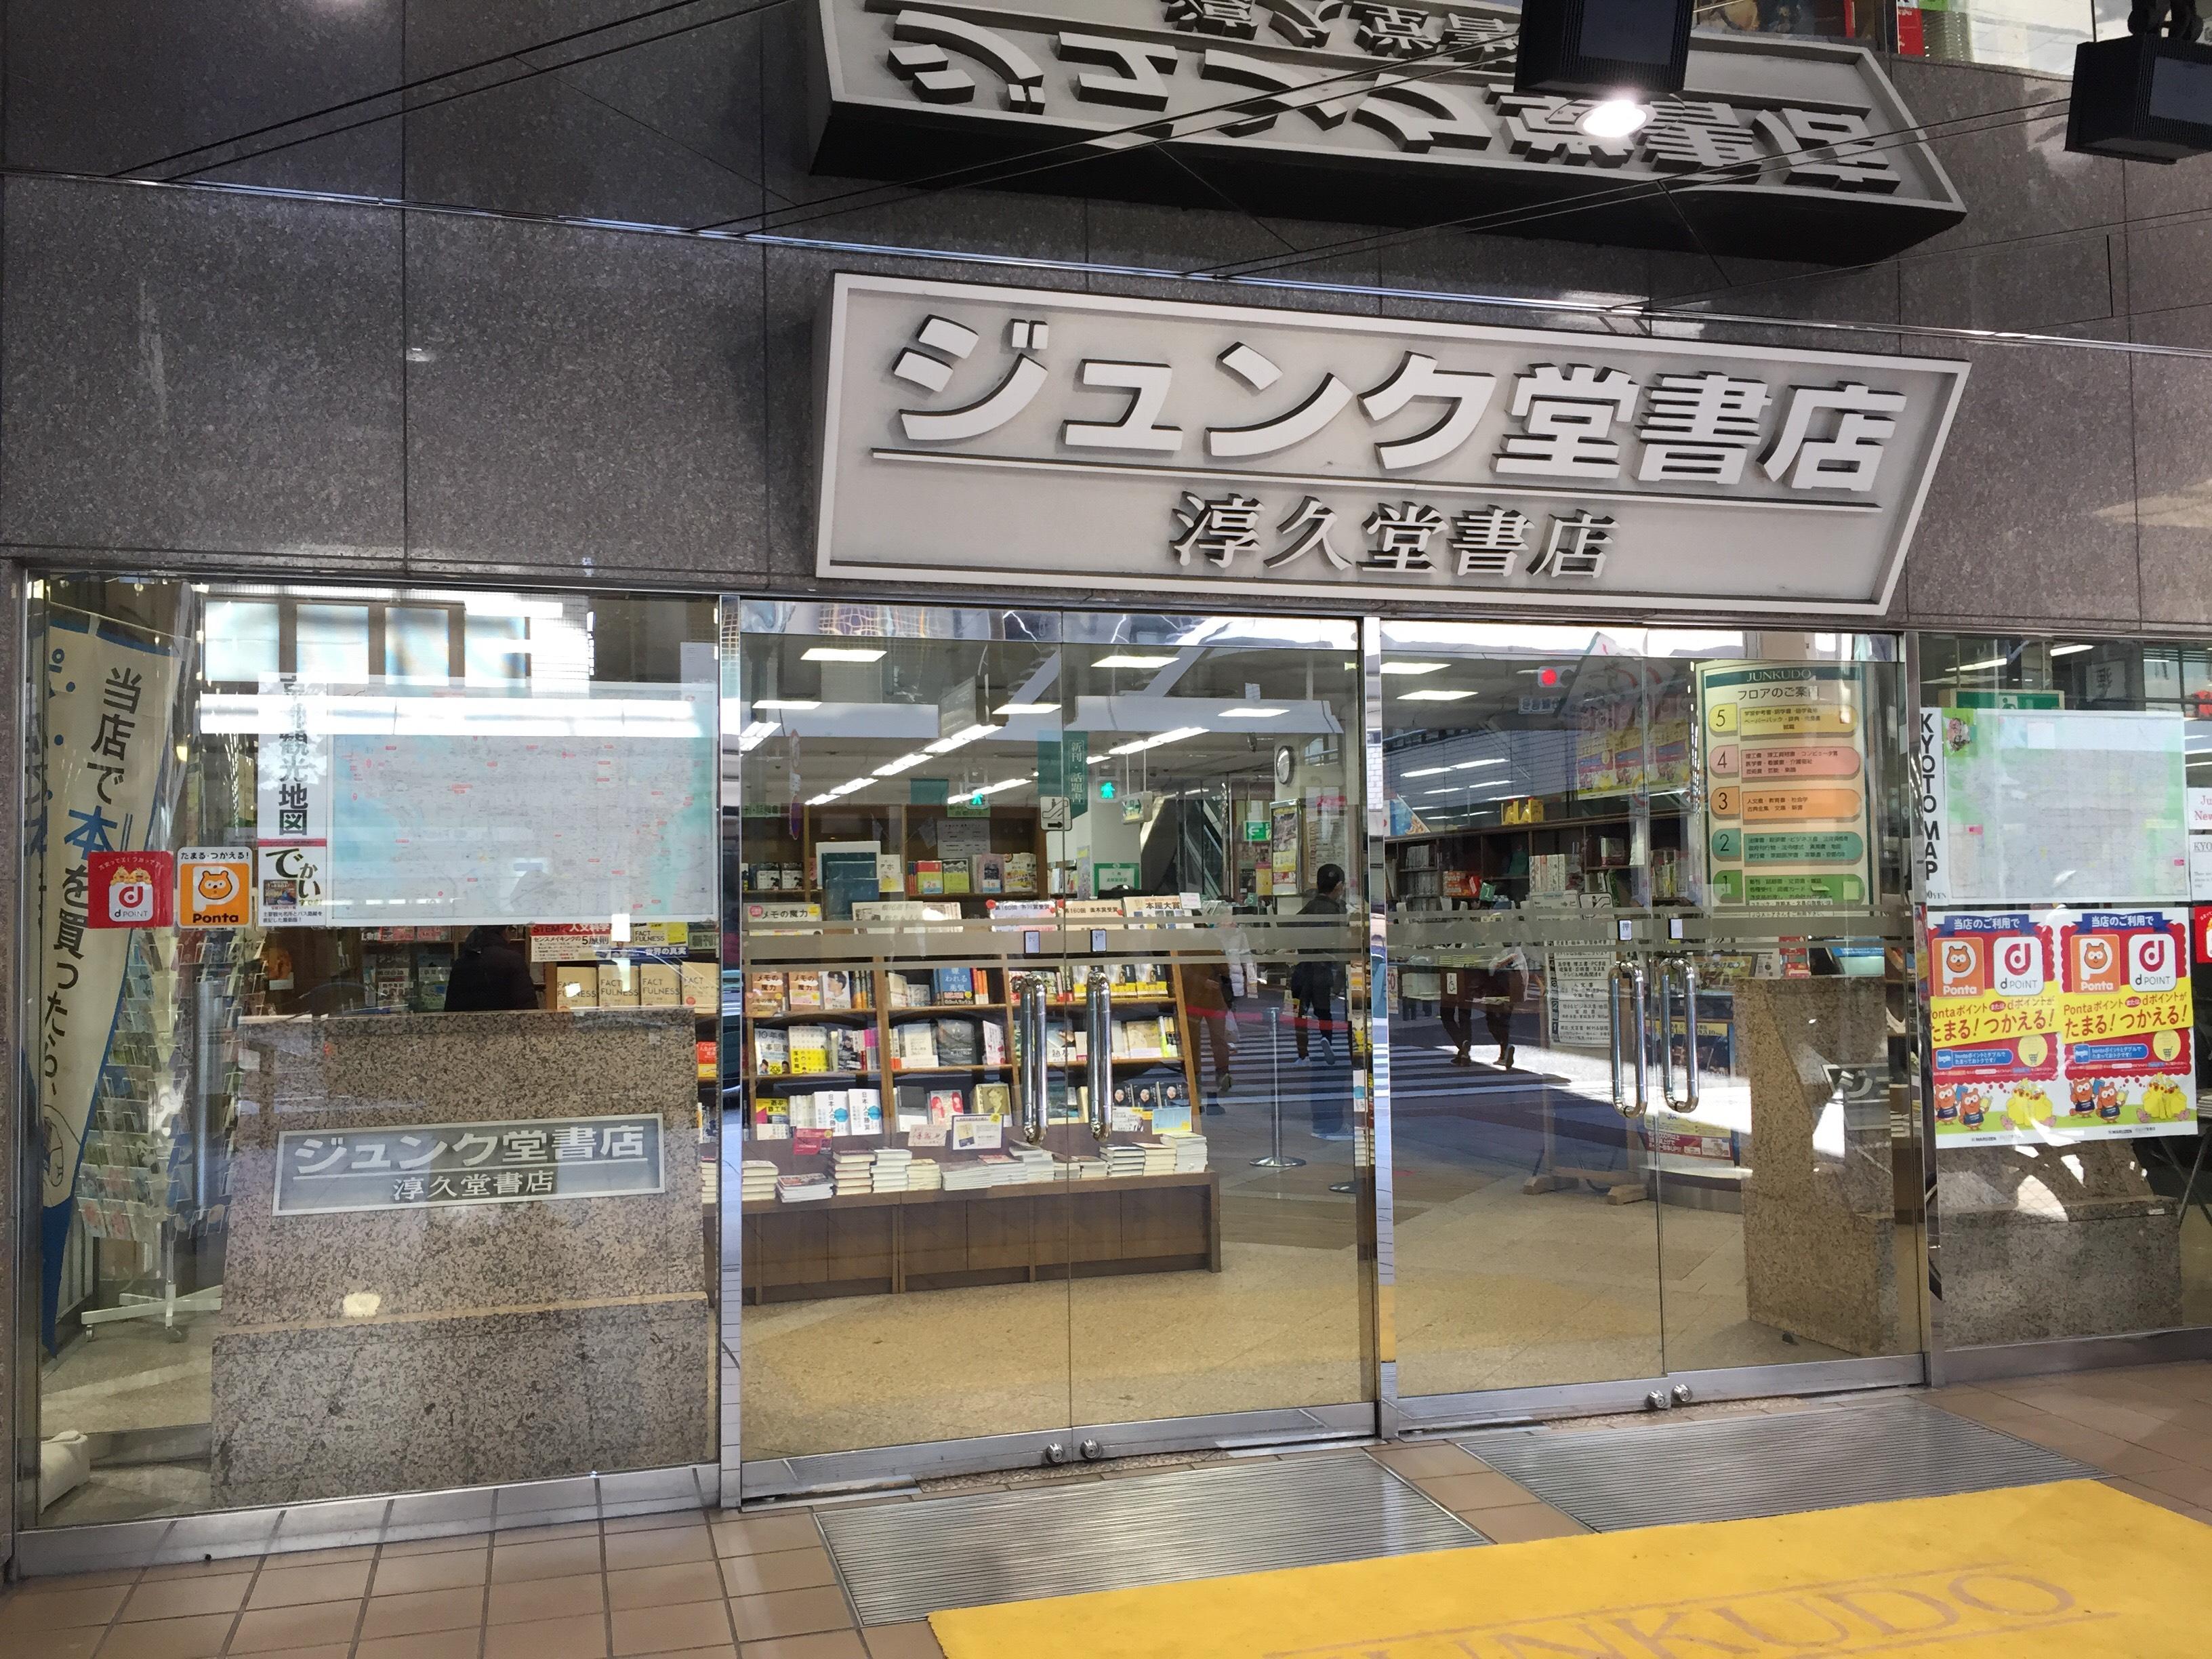 ジュンク堂 京都店